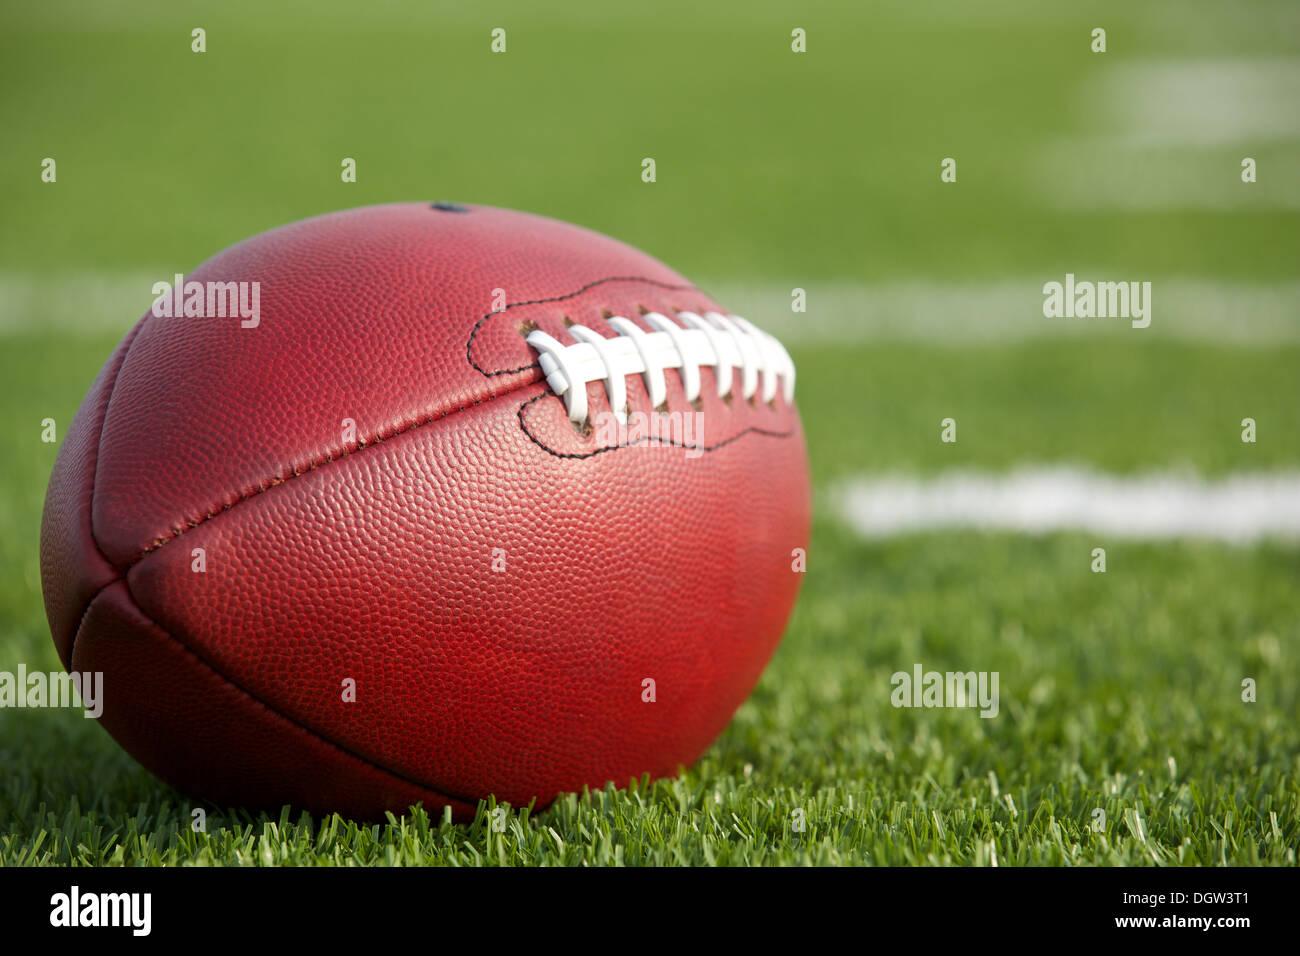 Pro Football americano sul campo Close Up con spazio per copiare, girato a profondità di campo Immagini Stock